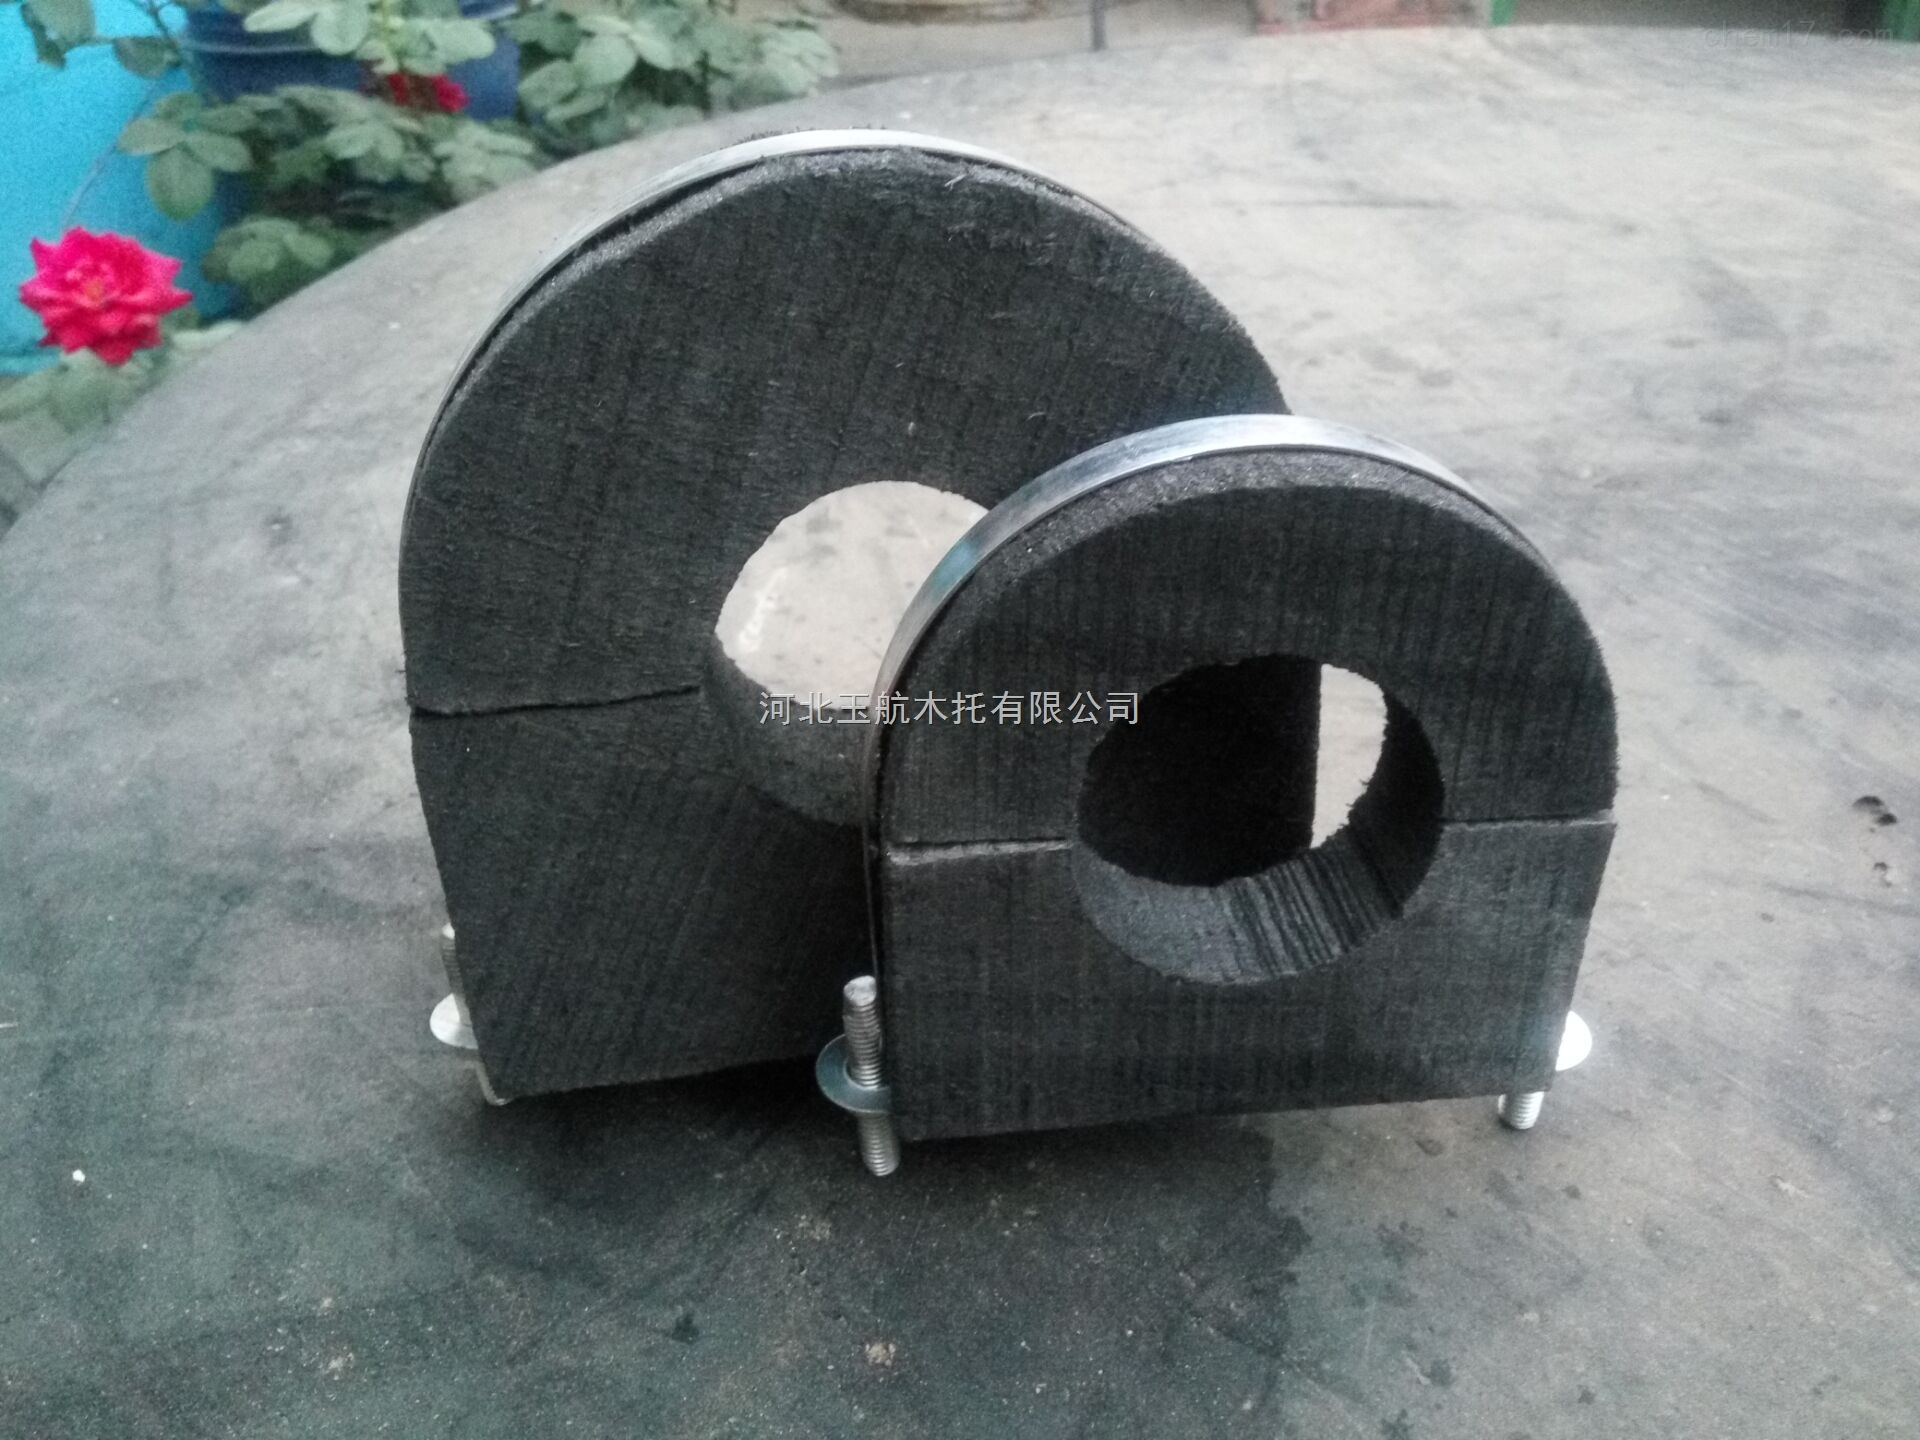 批发 加工 直销 冷凝水管木托U型镀锌铁卡